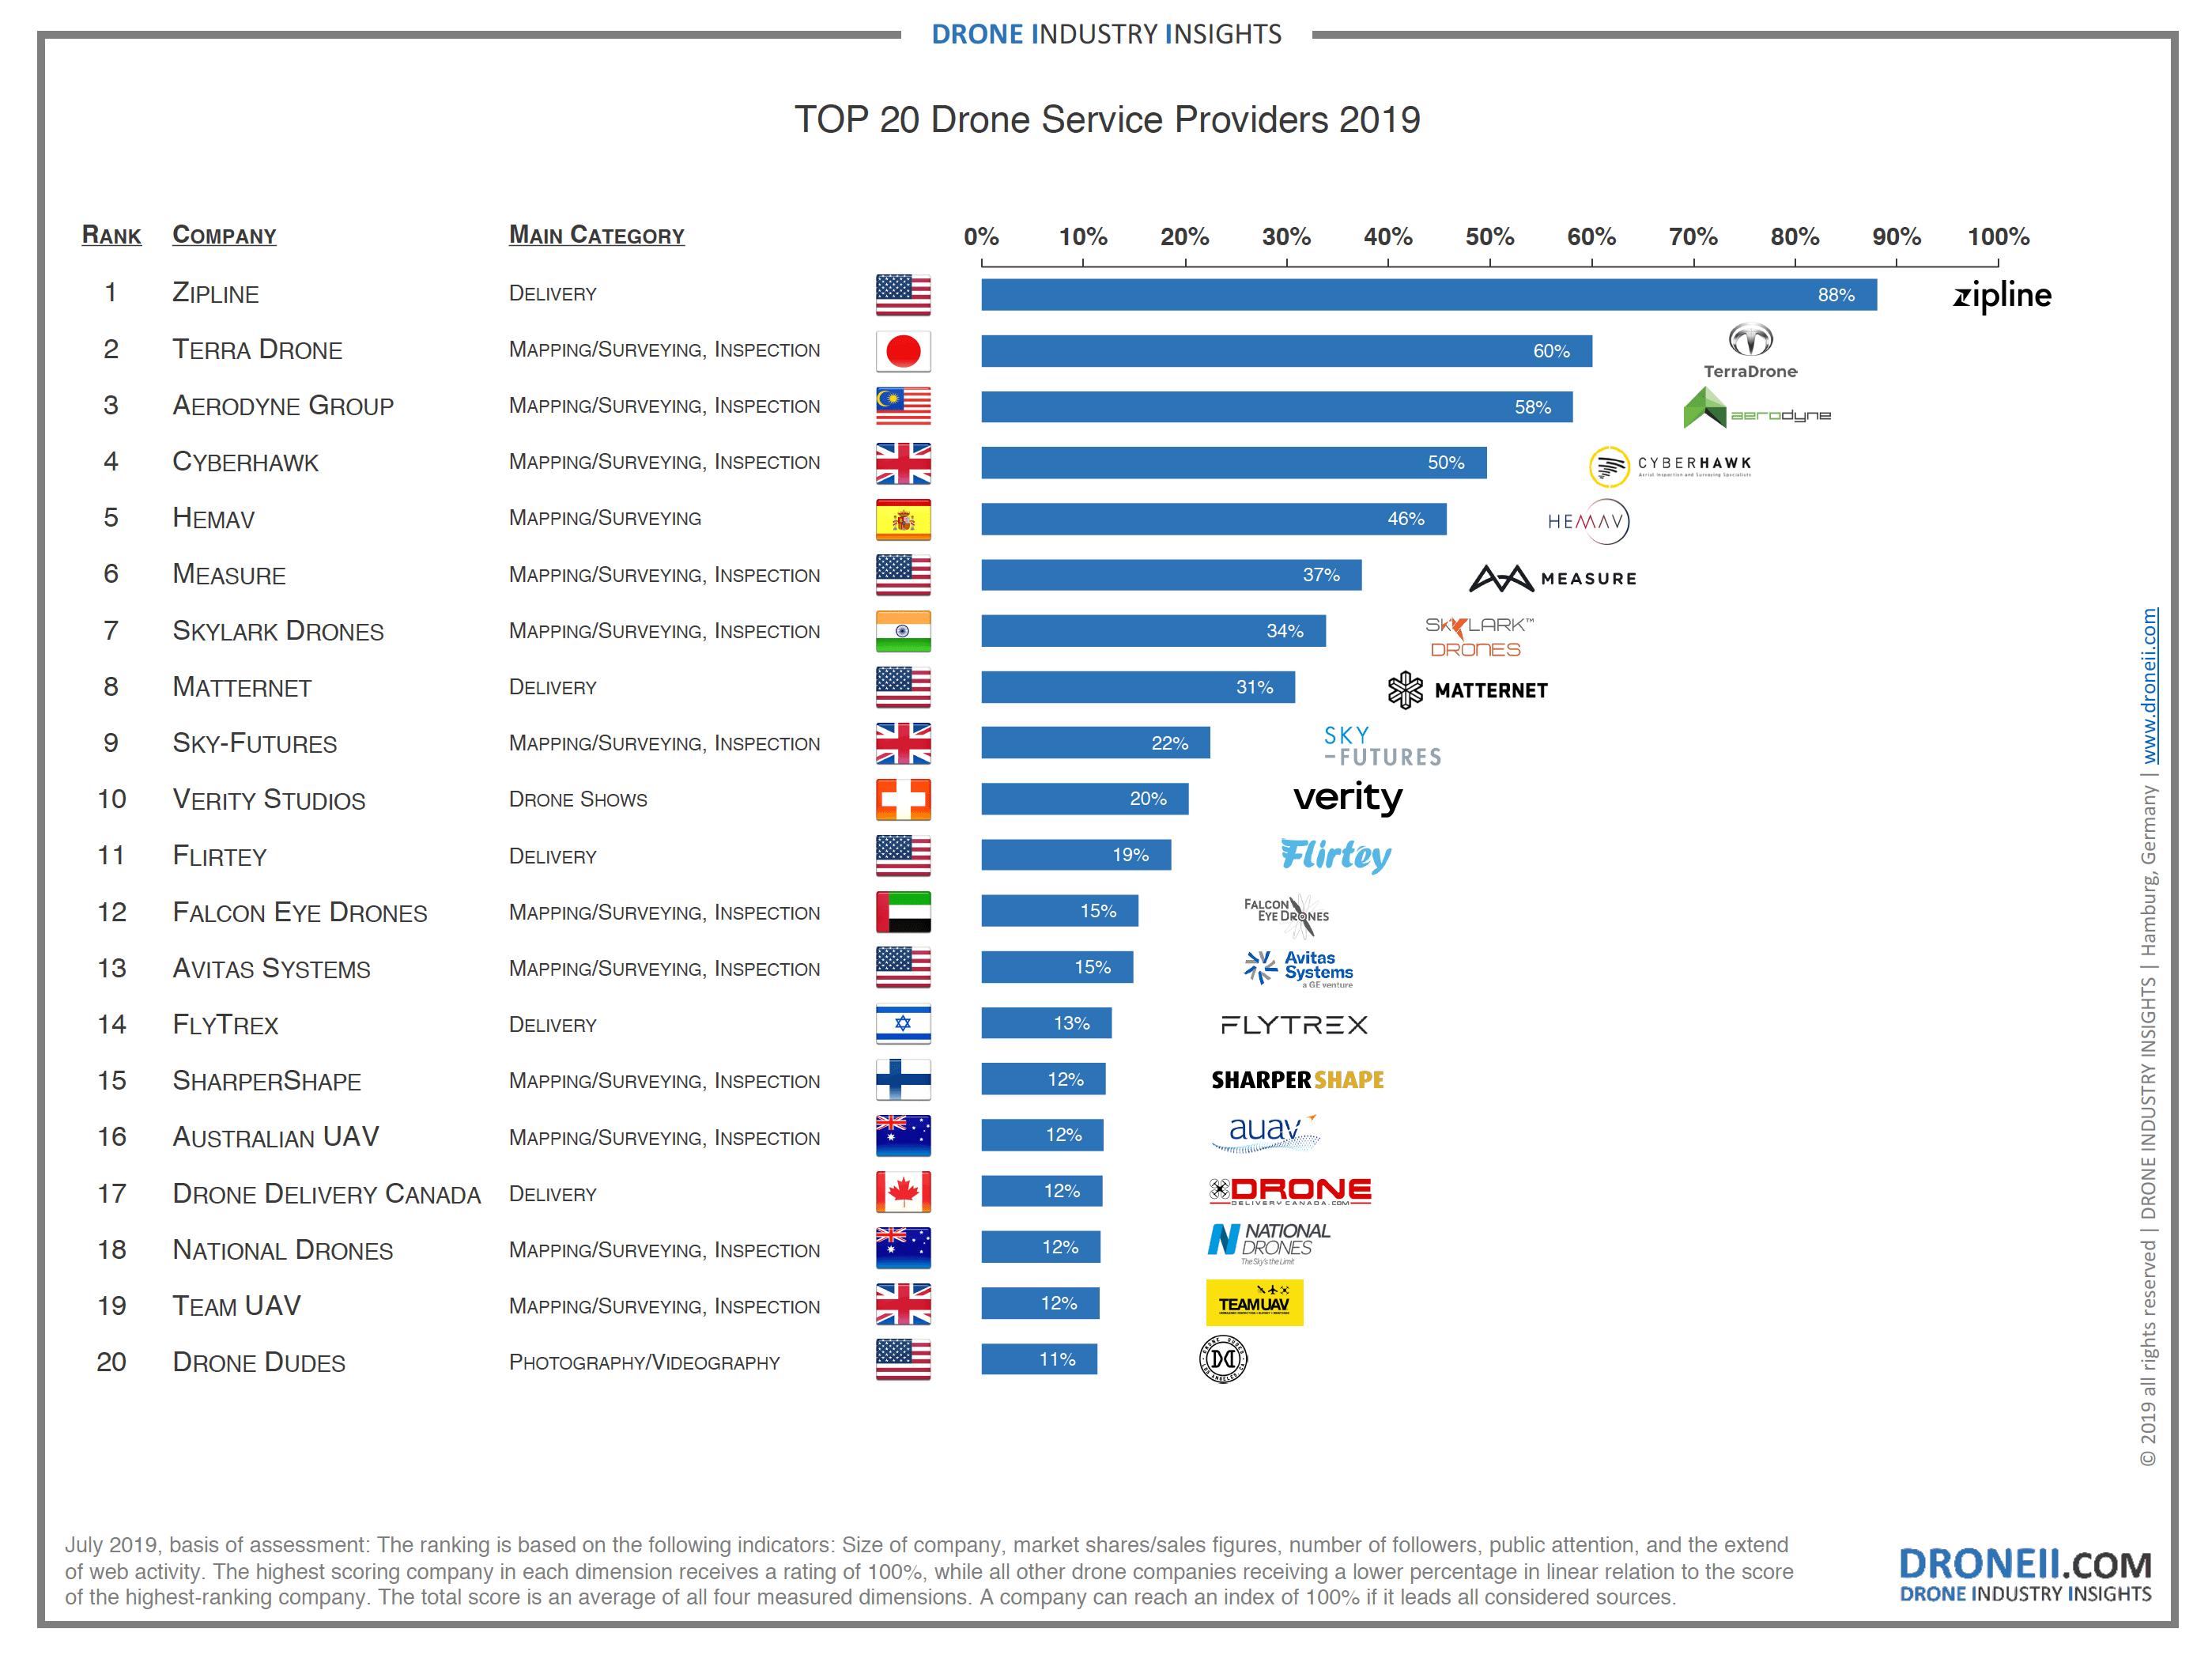 Top 20 Drone Service Provider Ranking 2019